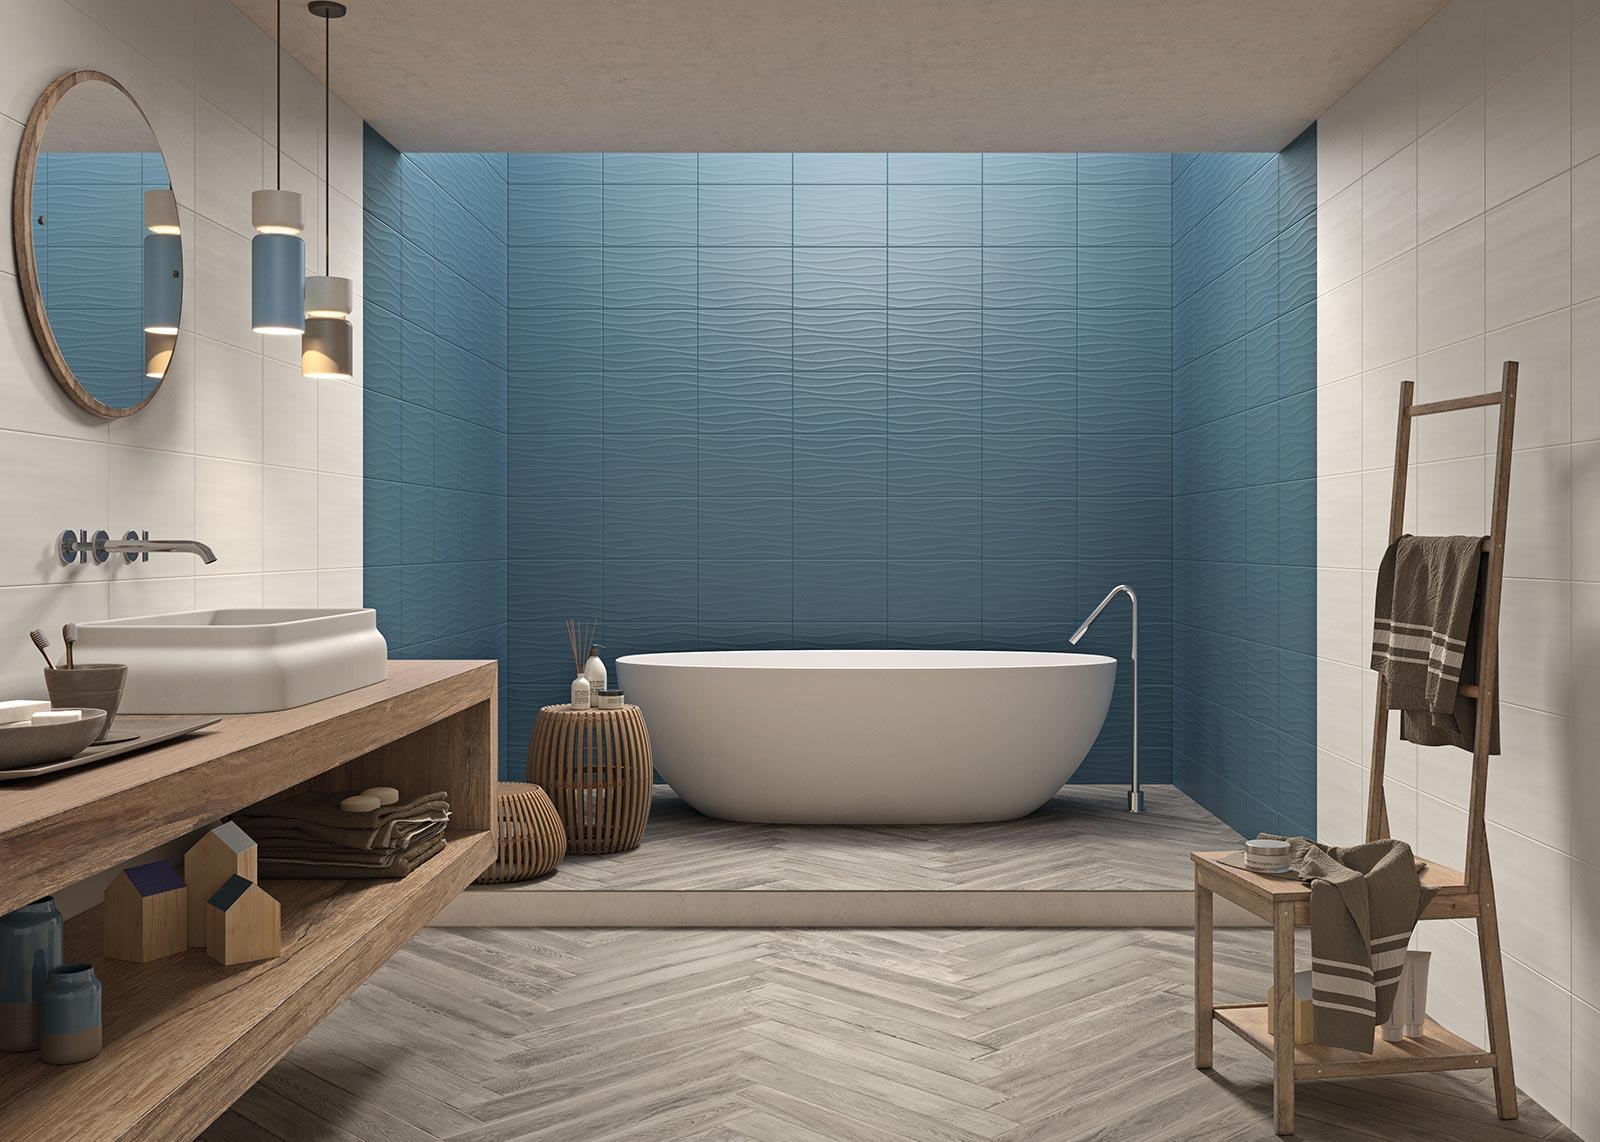 Piastrelle bagno mattonelle per bagno ceramica e gres